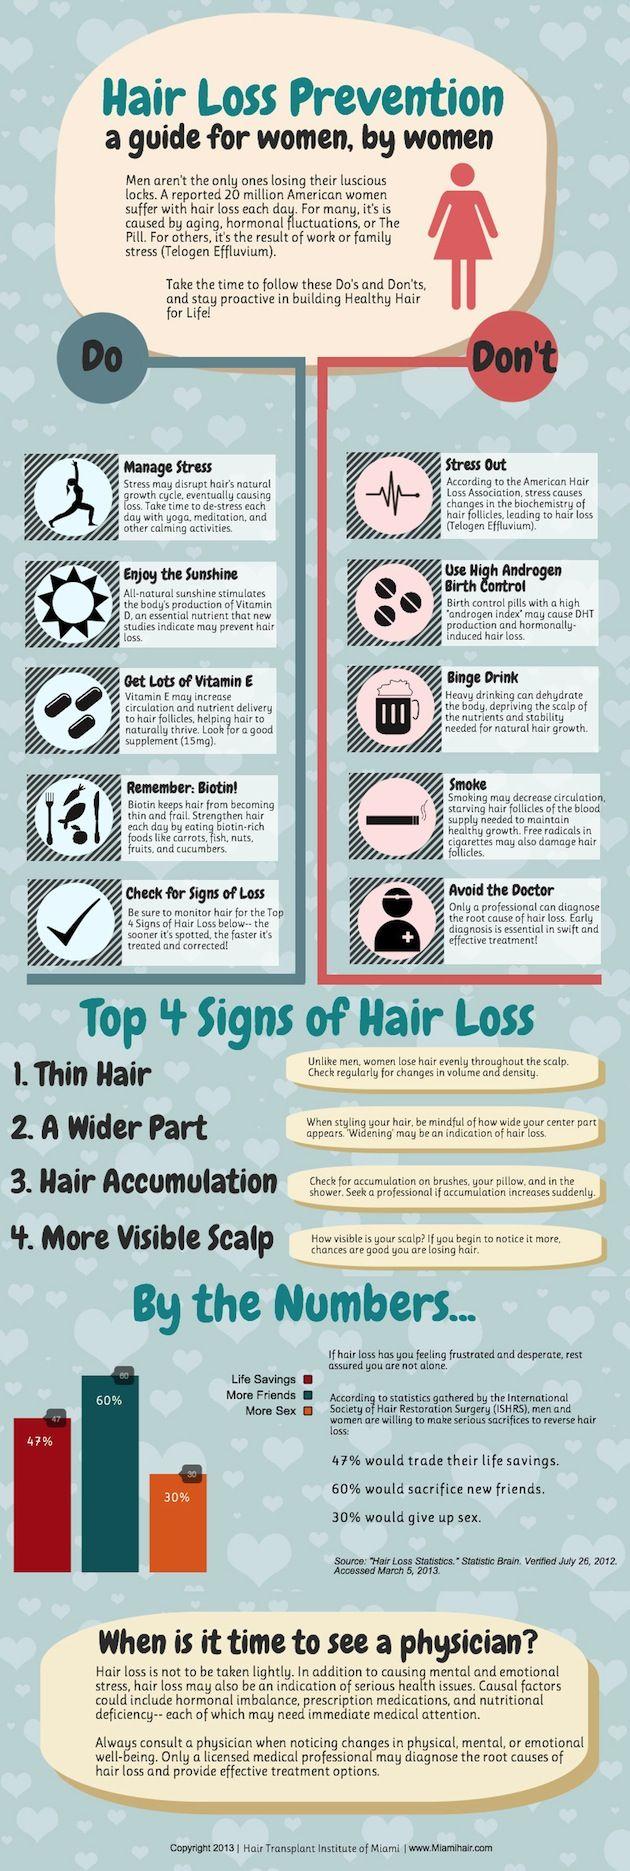 http://positivemed.com/2013/10/29/hair-loss-prevention-women/